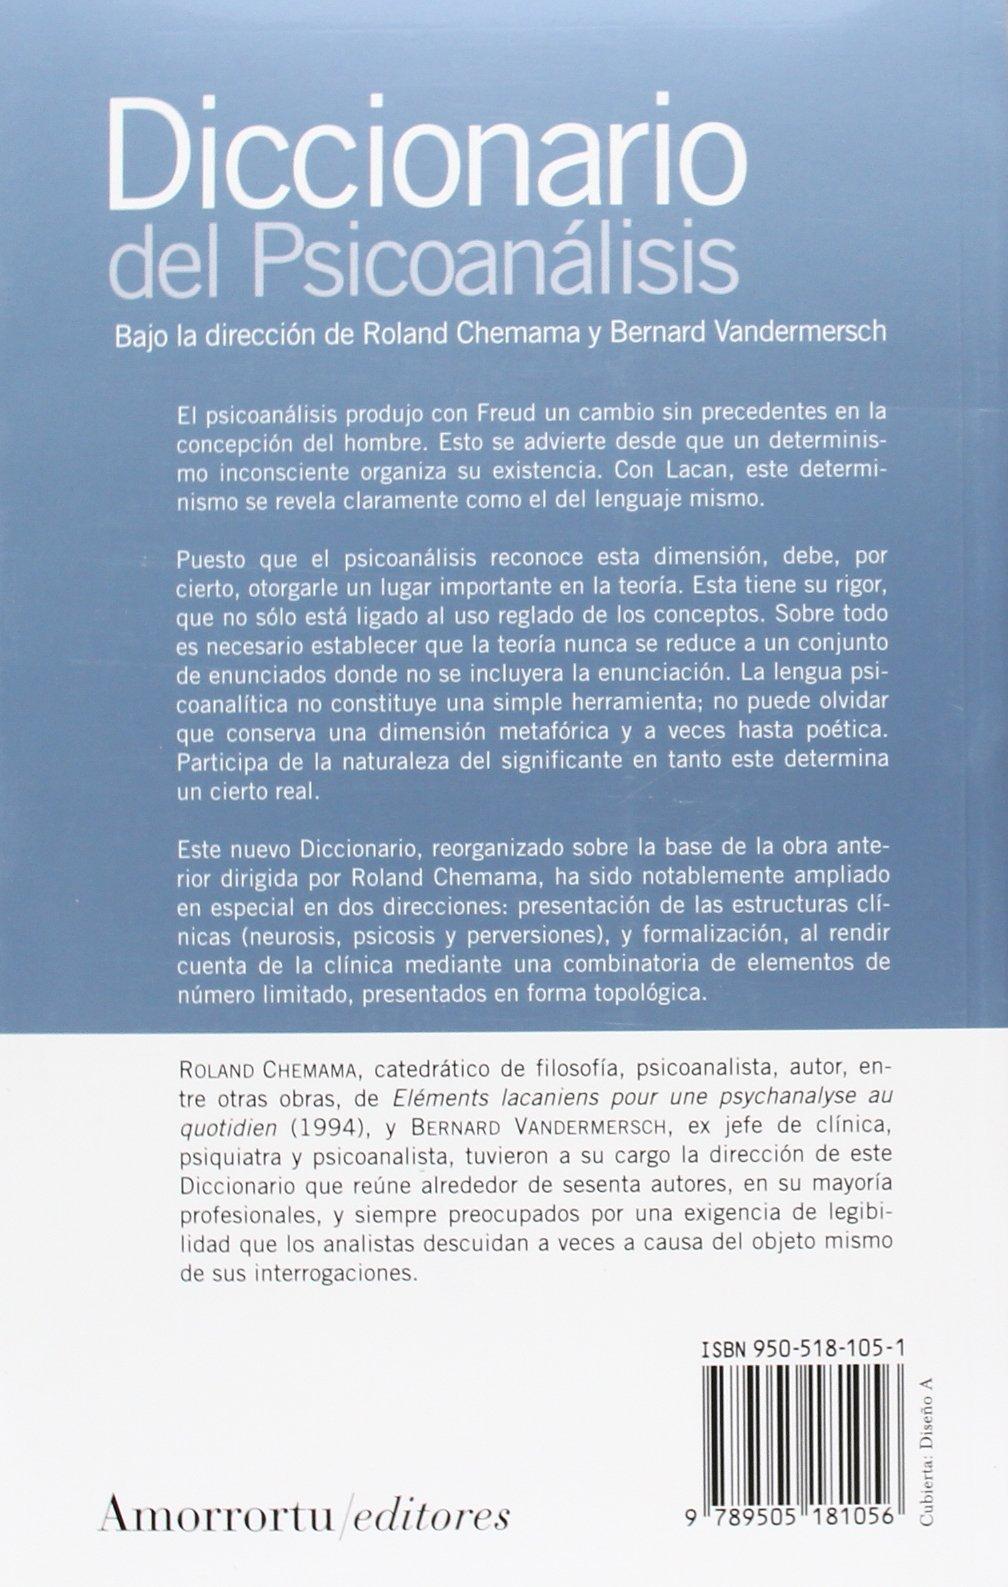 Diccionario del psicoanálisis - 2a edición: Segunda Edición, revisada y ampliada Psicología: Amazon.es: Roland Chemama Bernard Vandermersch: Libros